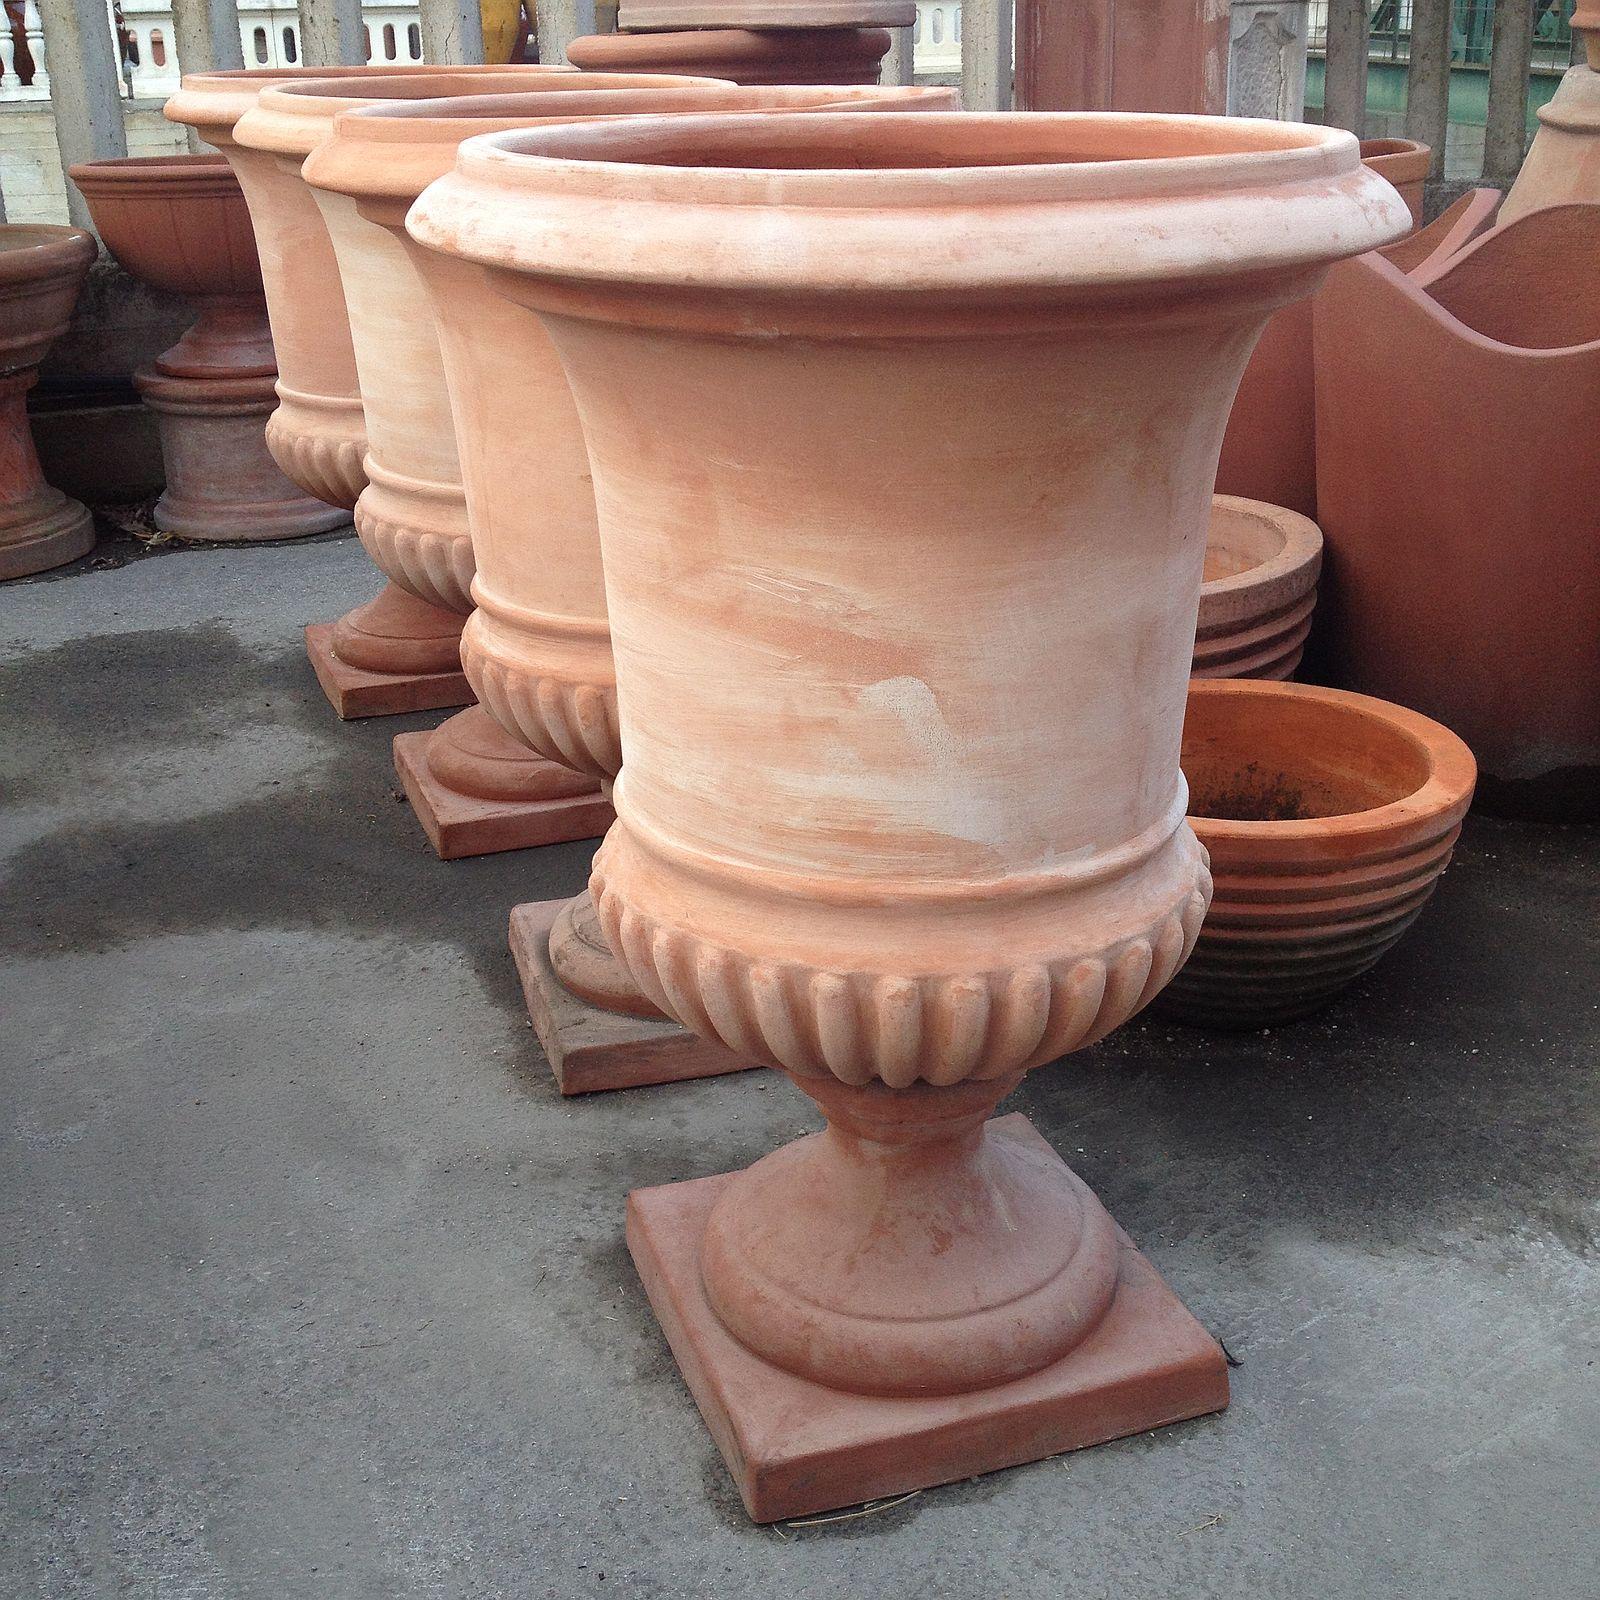 Vasi In Terracotta Per Giardino malta per riparazioni: vasi in cotto toscano prezzi